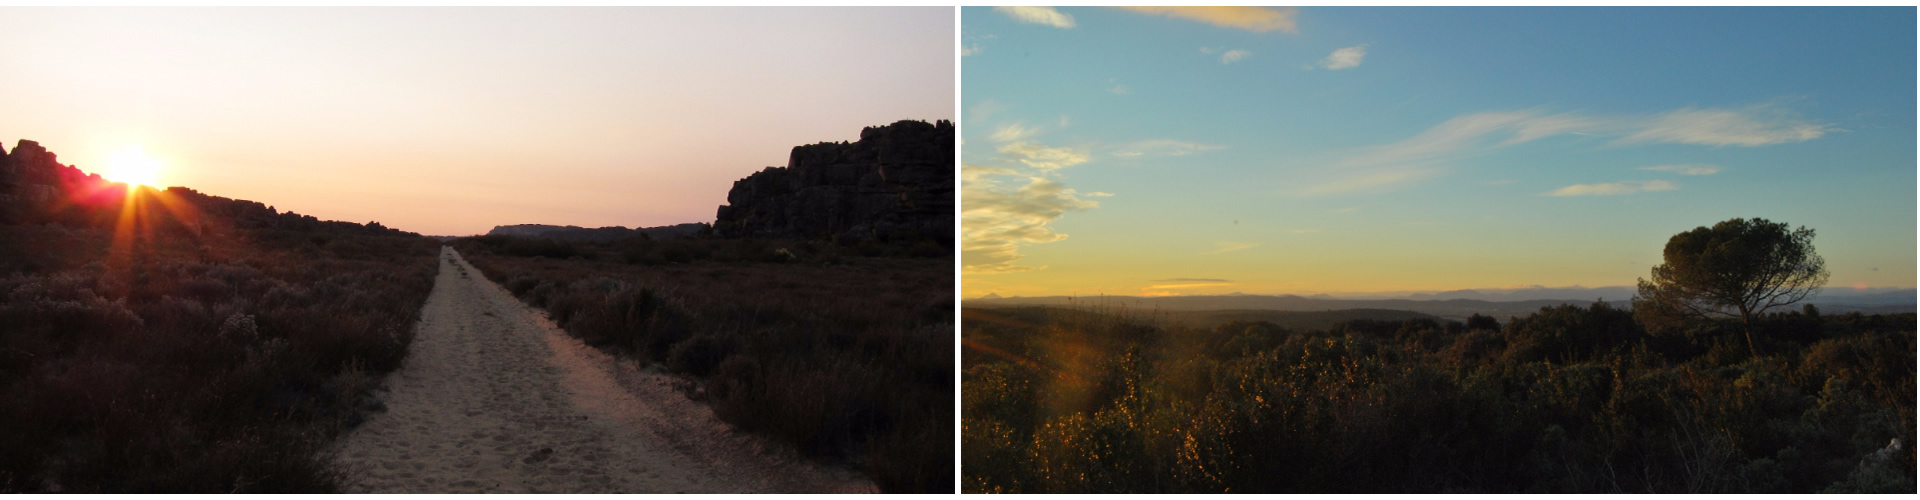 Perdersi al tramonto sotto il cielo del Sud America: ne vale la pena. Come diamine sono finita in questa situazione?